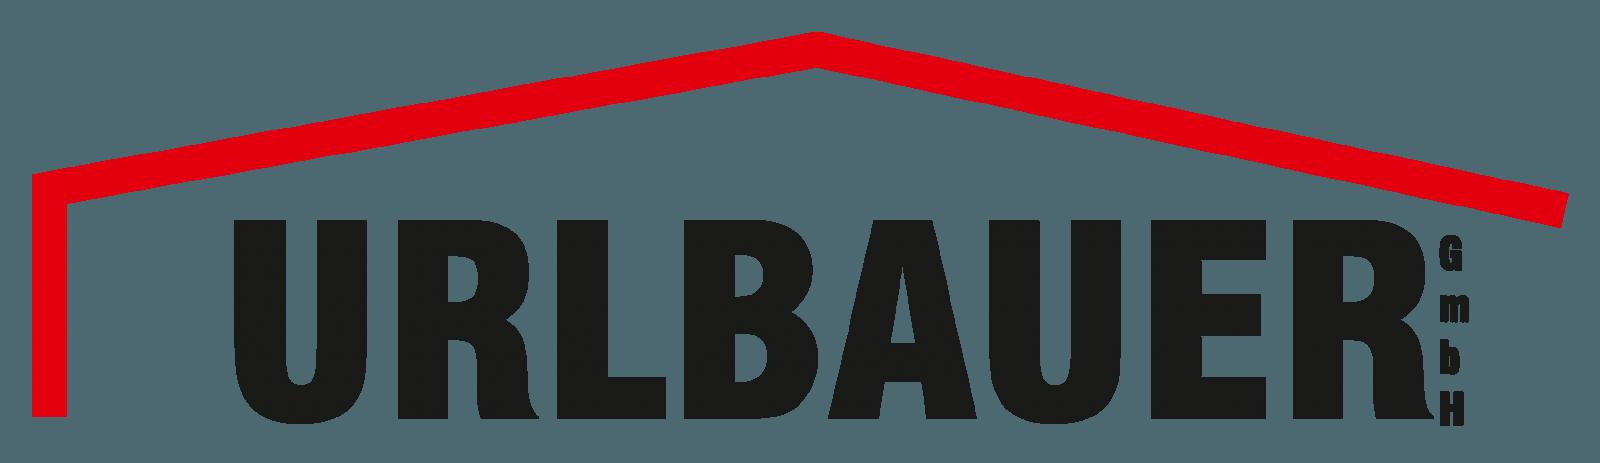 Bauunternehmen Passau urlbauer bau willkommen bei urlbauer bau